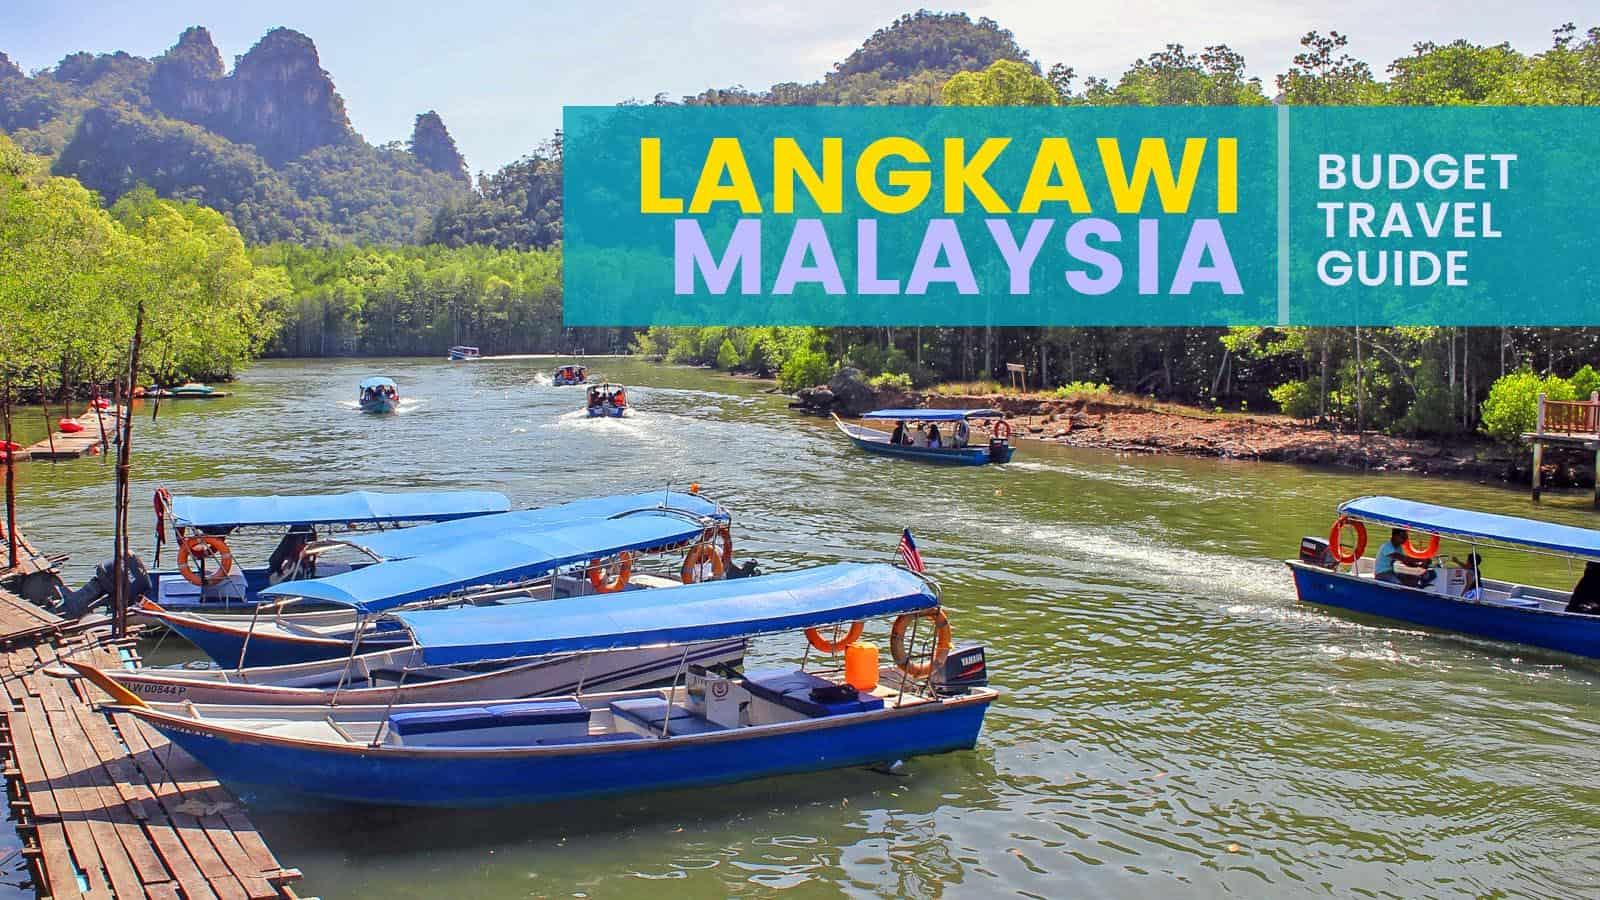 马来西亚郎卡威:经济旅行指南   穷游者的行程博客